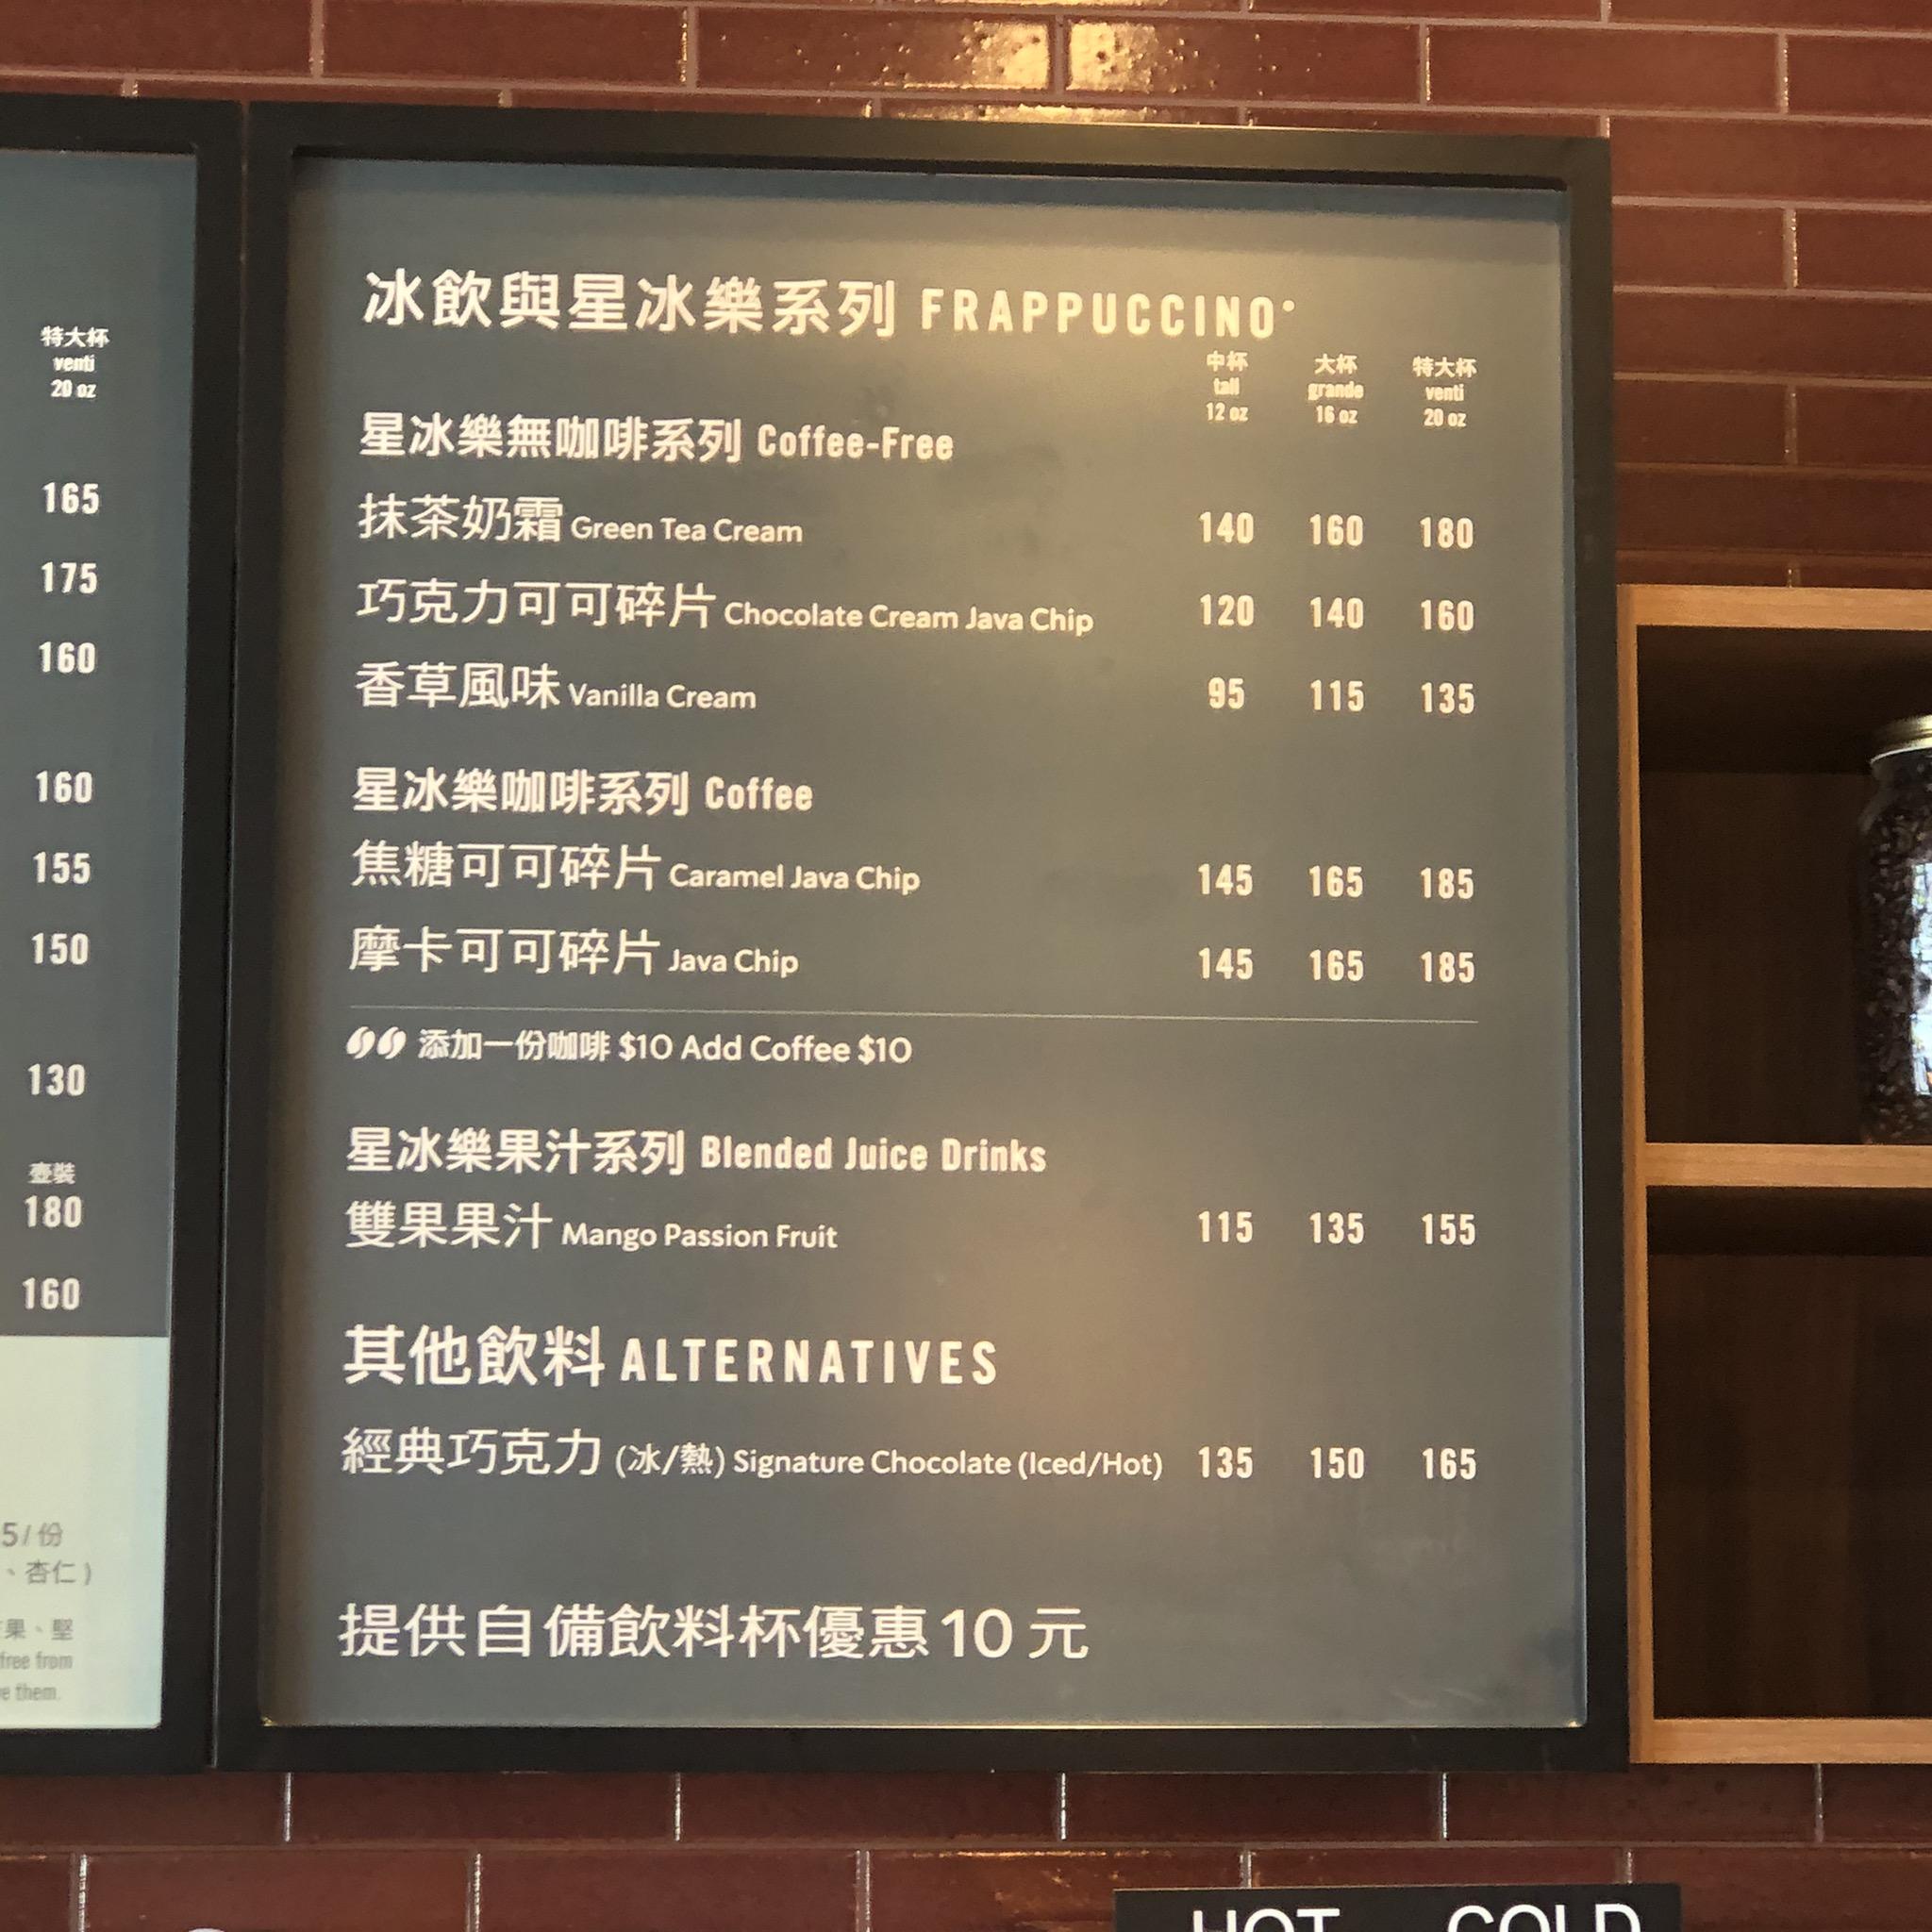 【菜單】星巴克菜單 – 2020年價目表 |Starbucks菜單 (持續更新中) | 癡吃的玩